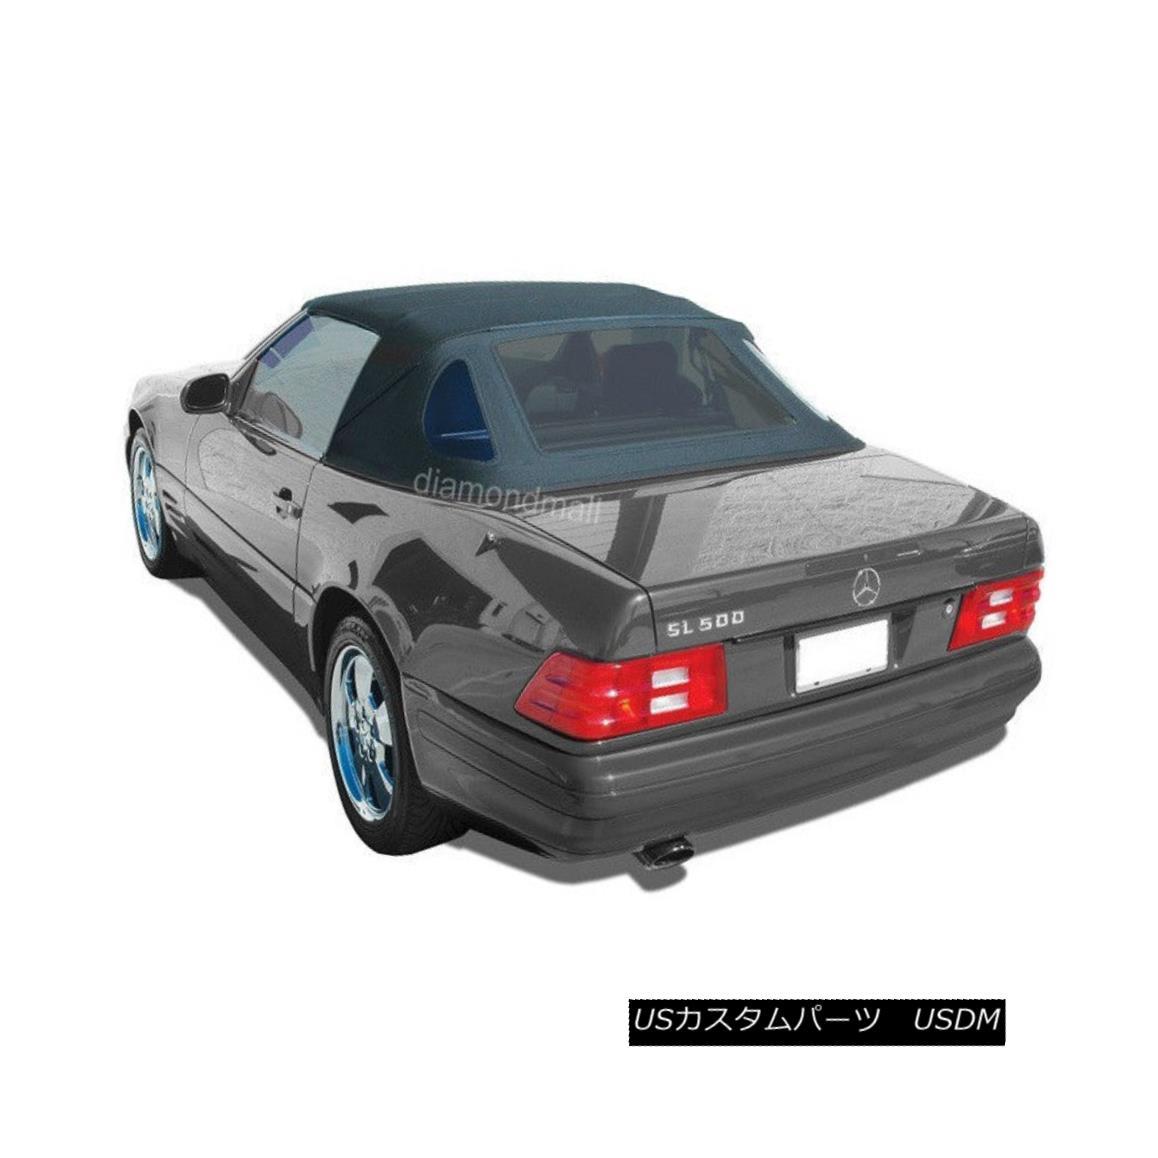 幌・ソフトトップ Mercedes R129 SL Convertible Soft Top Replacement 1990-2002 Black Stayfast Cloth メルセデスR129 SLコンバーチブルソフトトップ交換1990-2002ブラックステイファストクロス